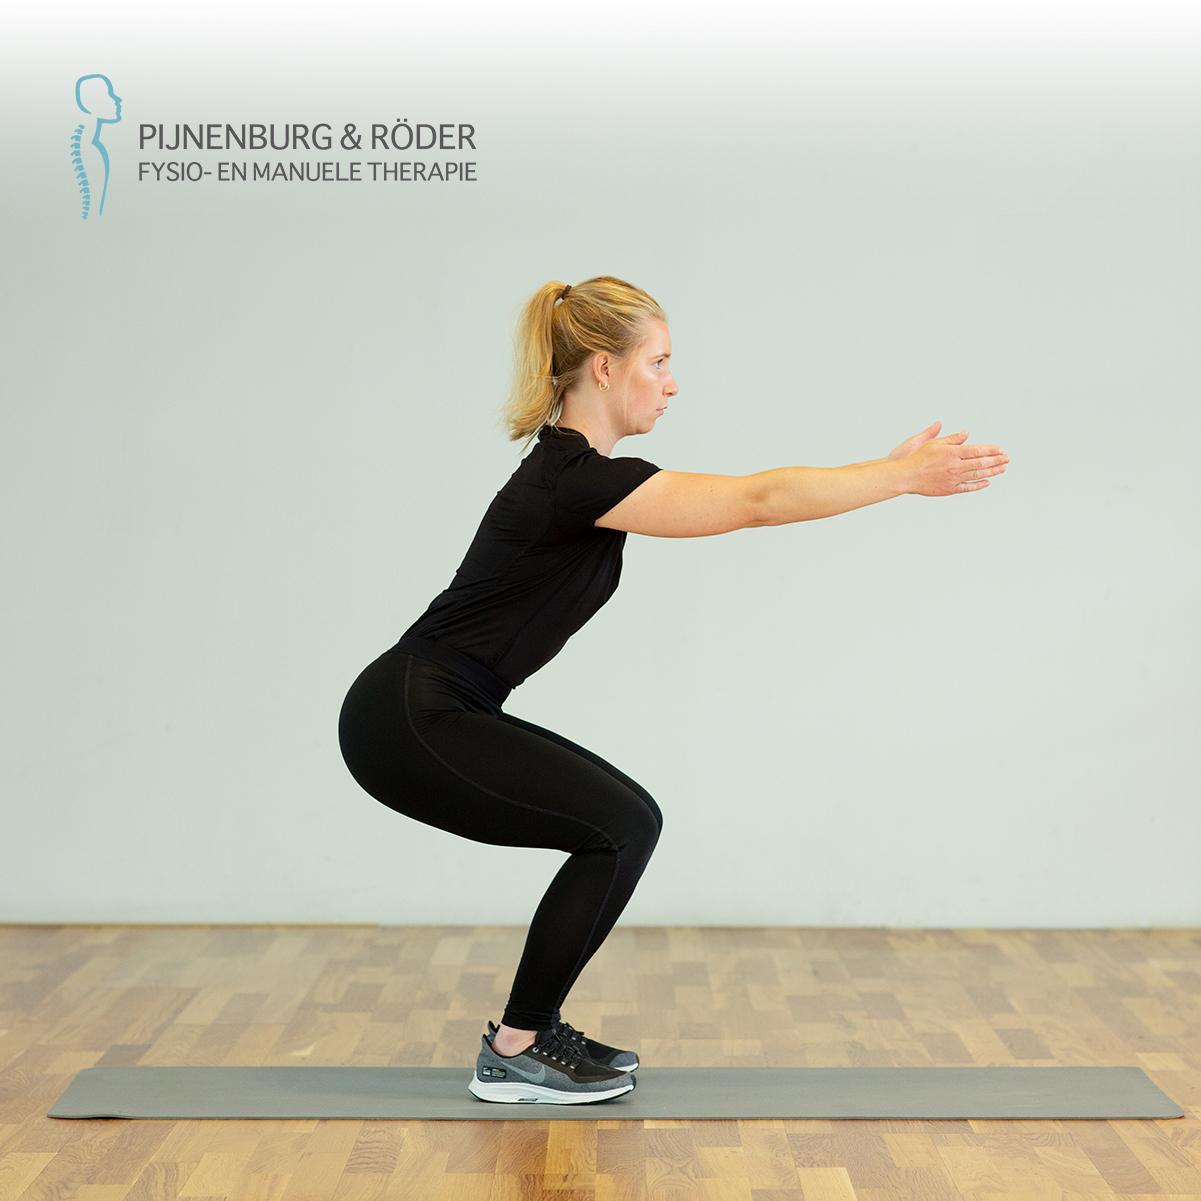 kracht oefening knie air squat